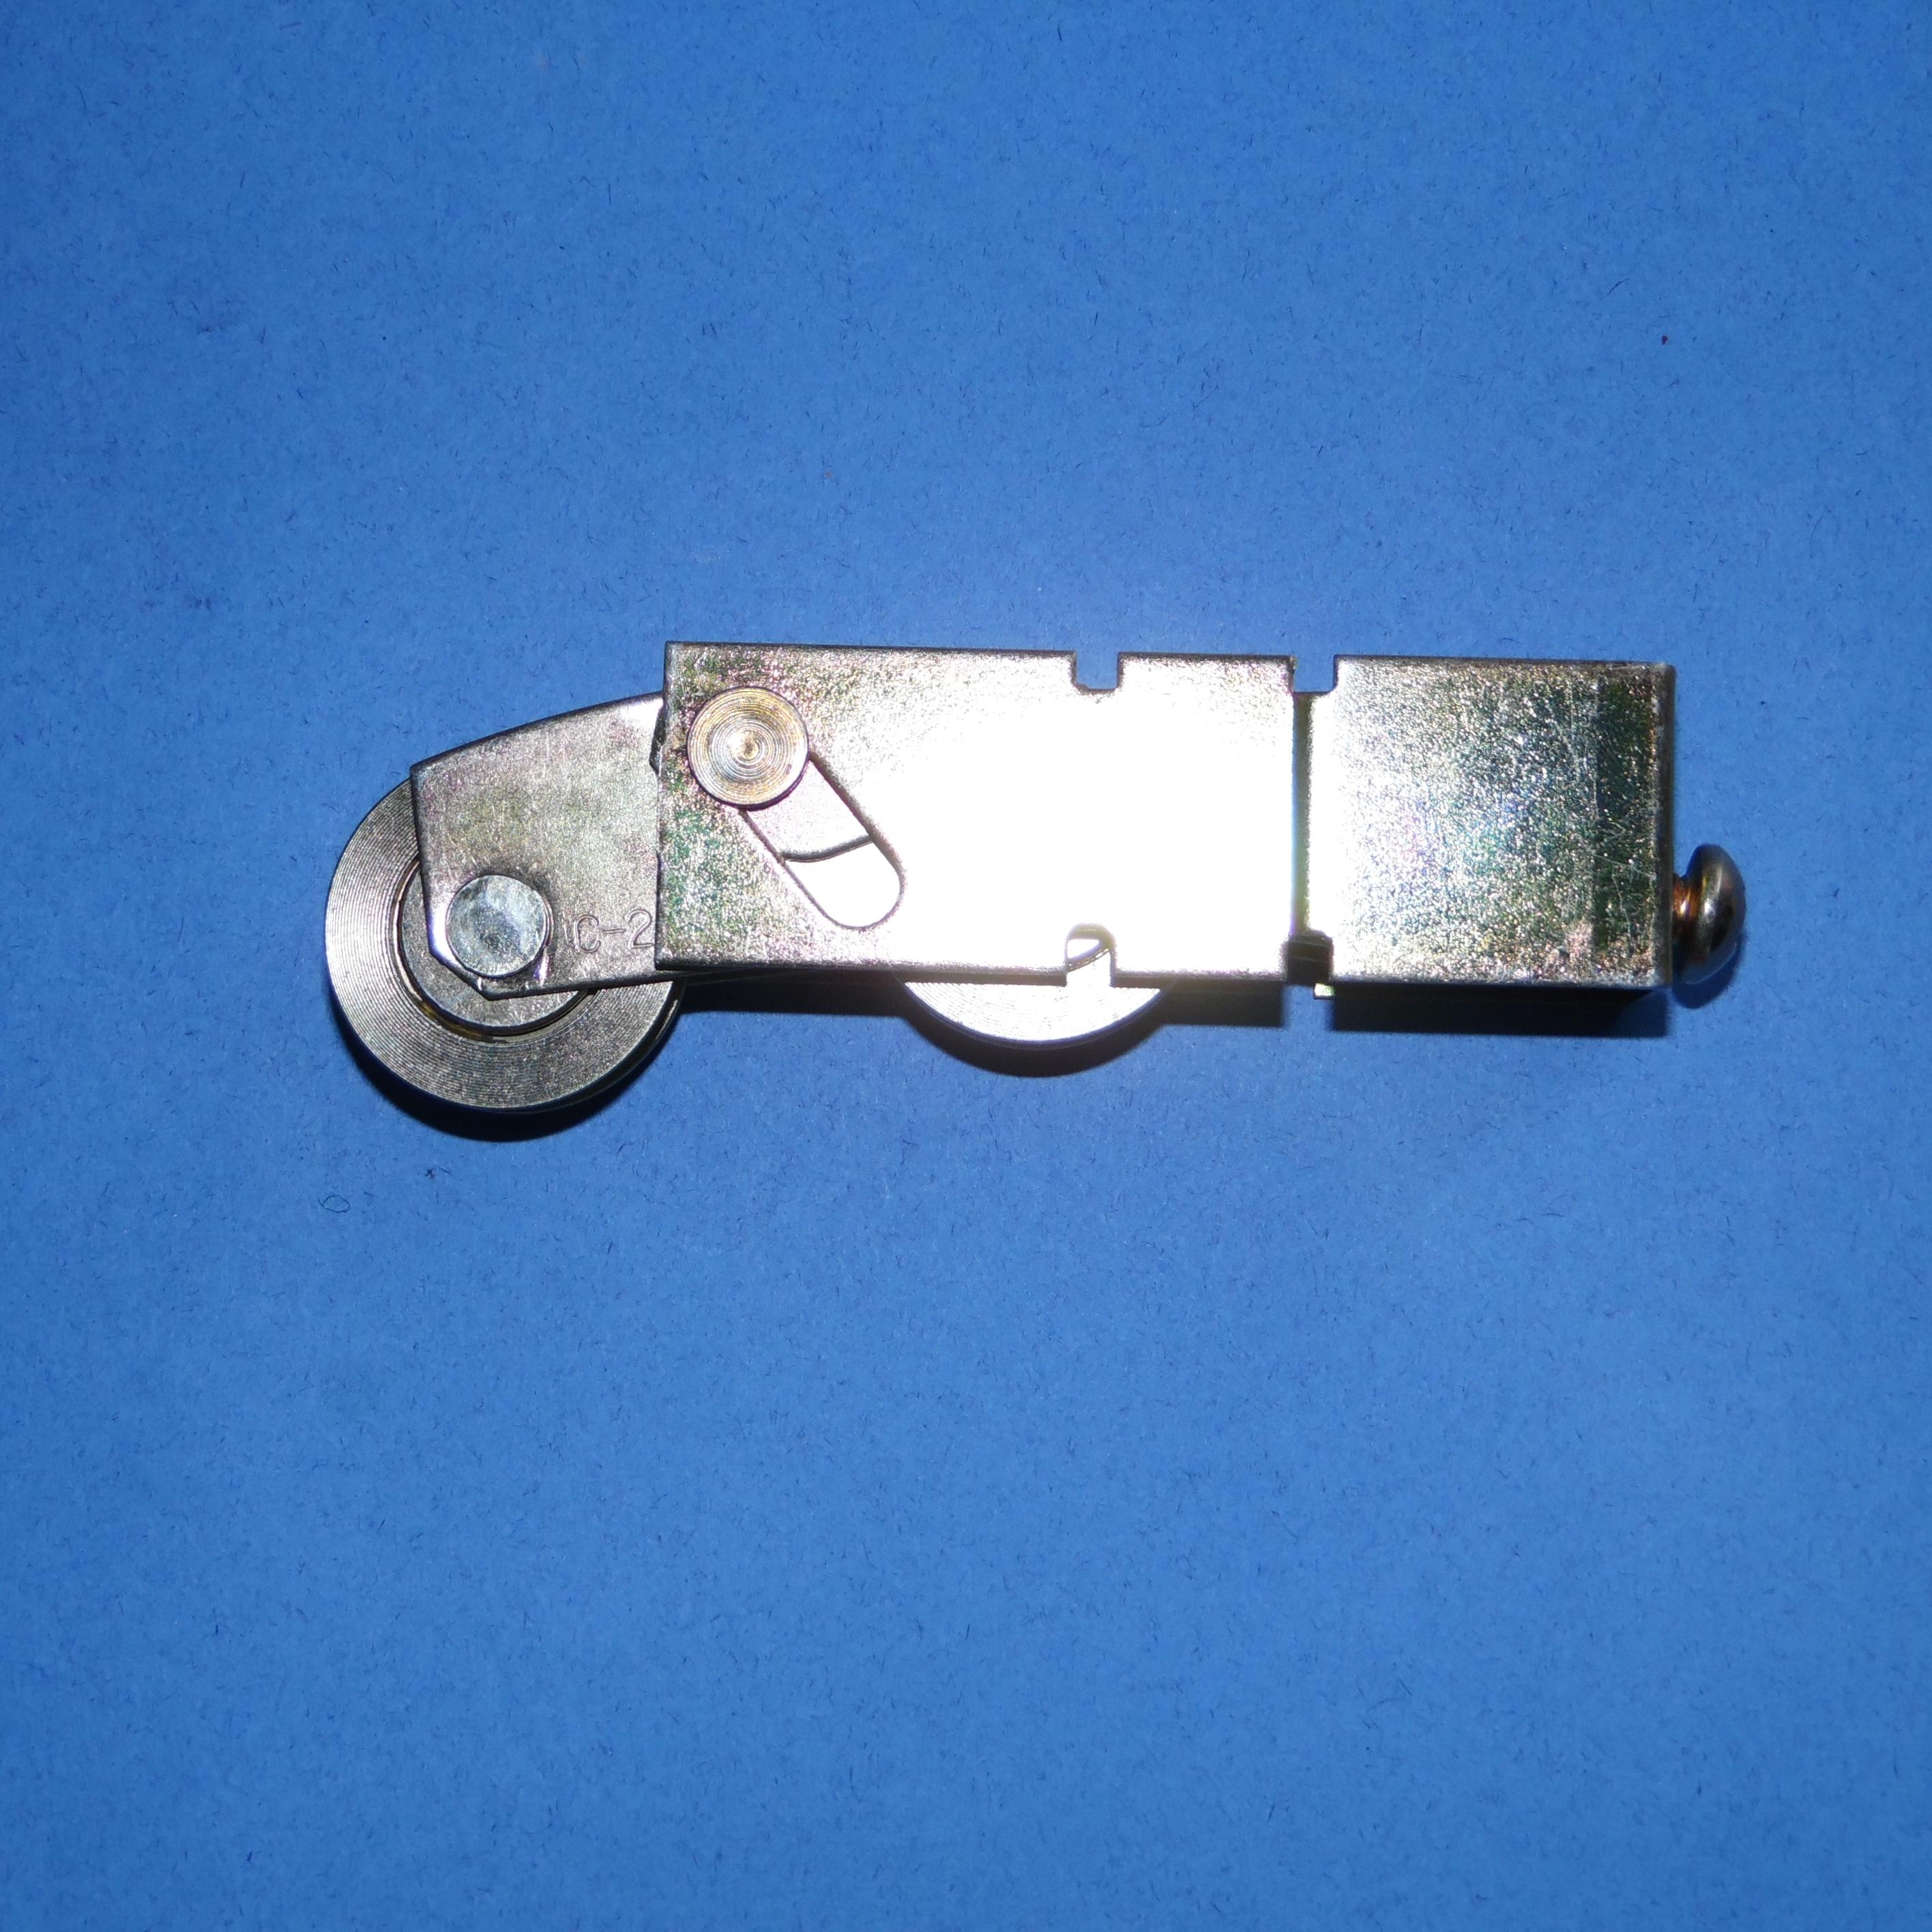 acorn patio door roller 9 405a 3 1 8 x 1